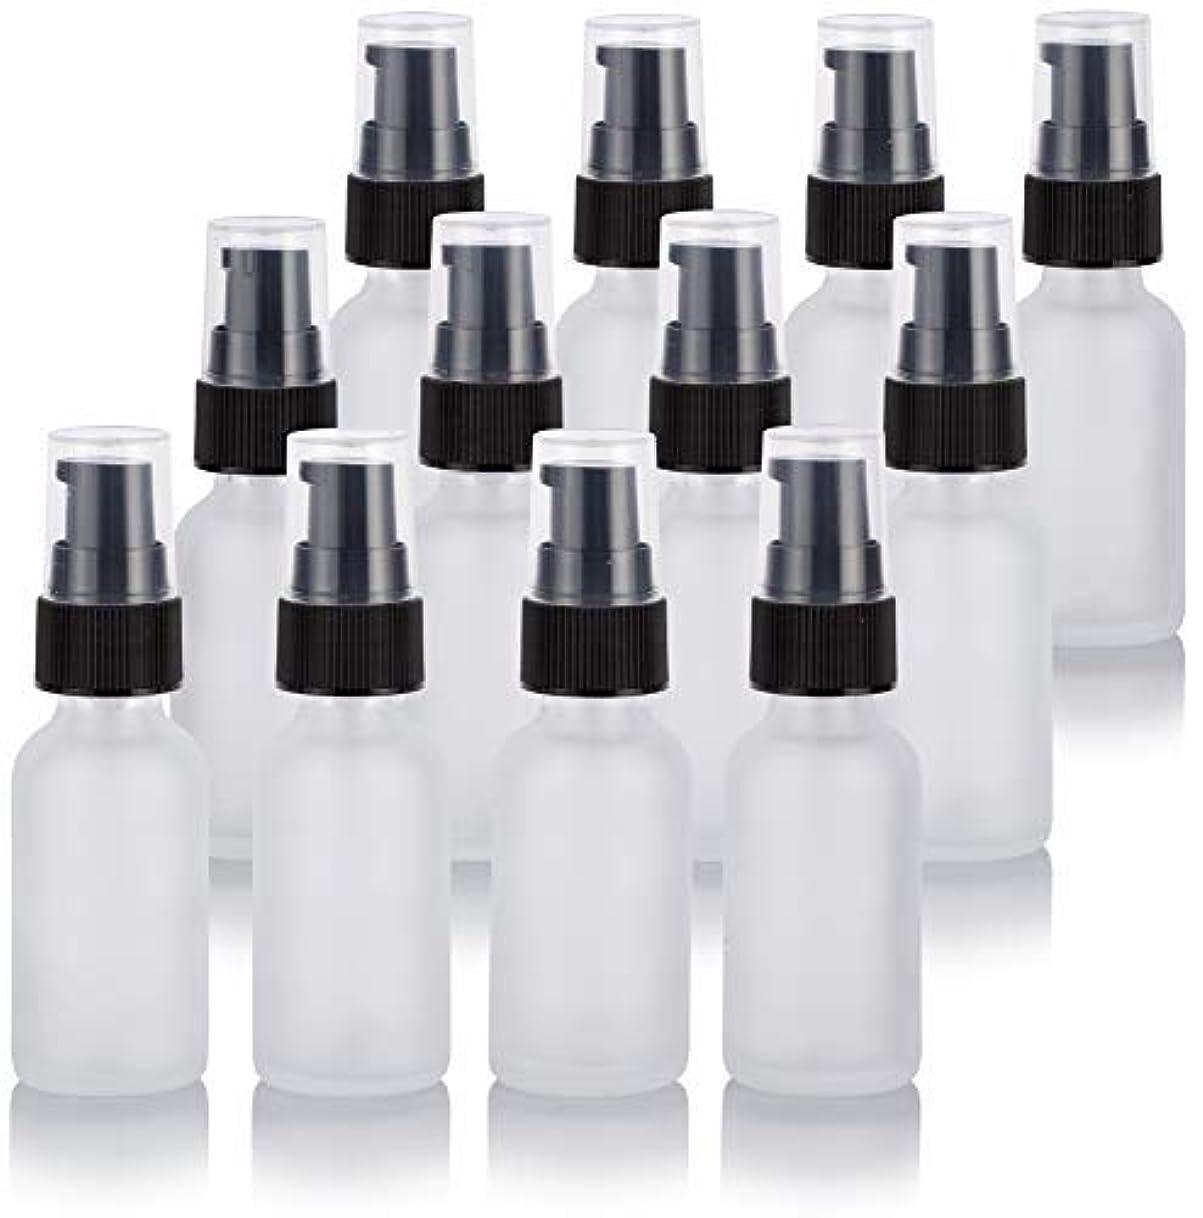 快い上がるブルゴーニュ1 oz Frosted Clear Glass Boston Round Treatment Pump Bottle (12 Pack) + Funnel for Cosmetics, serums, Essential...